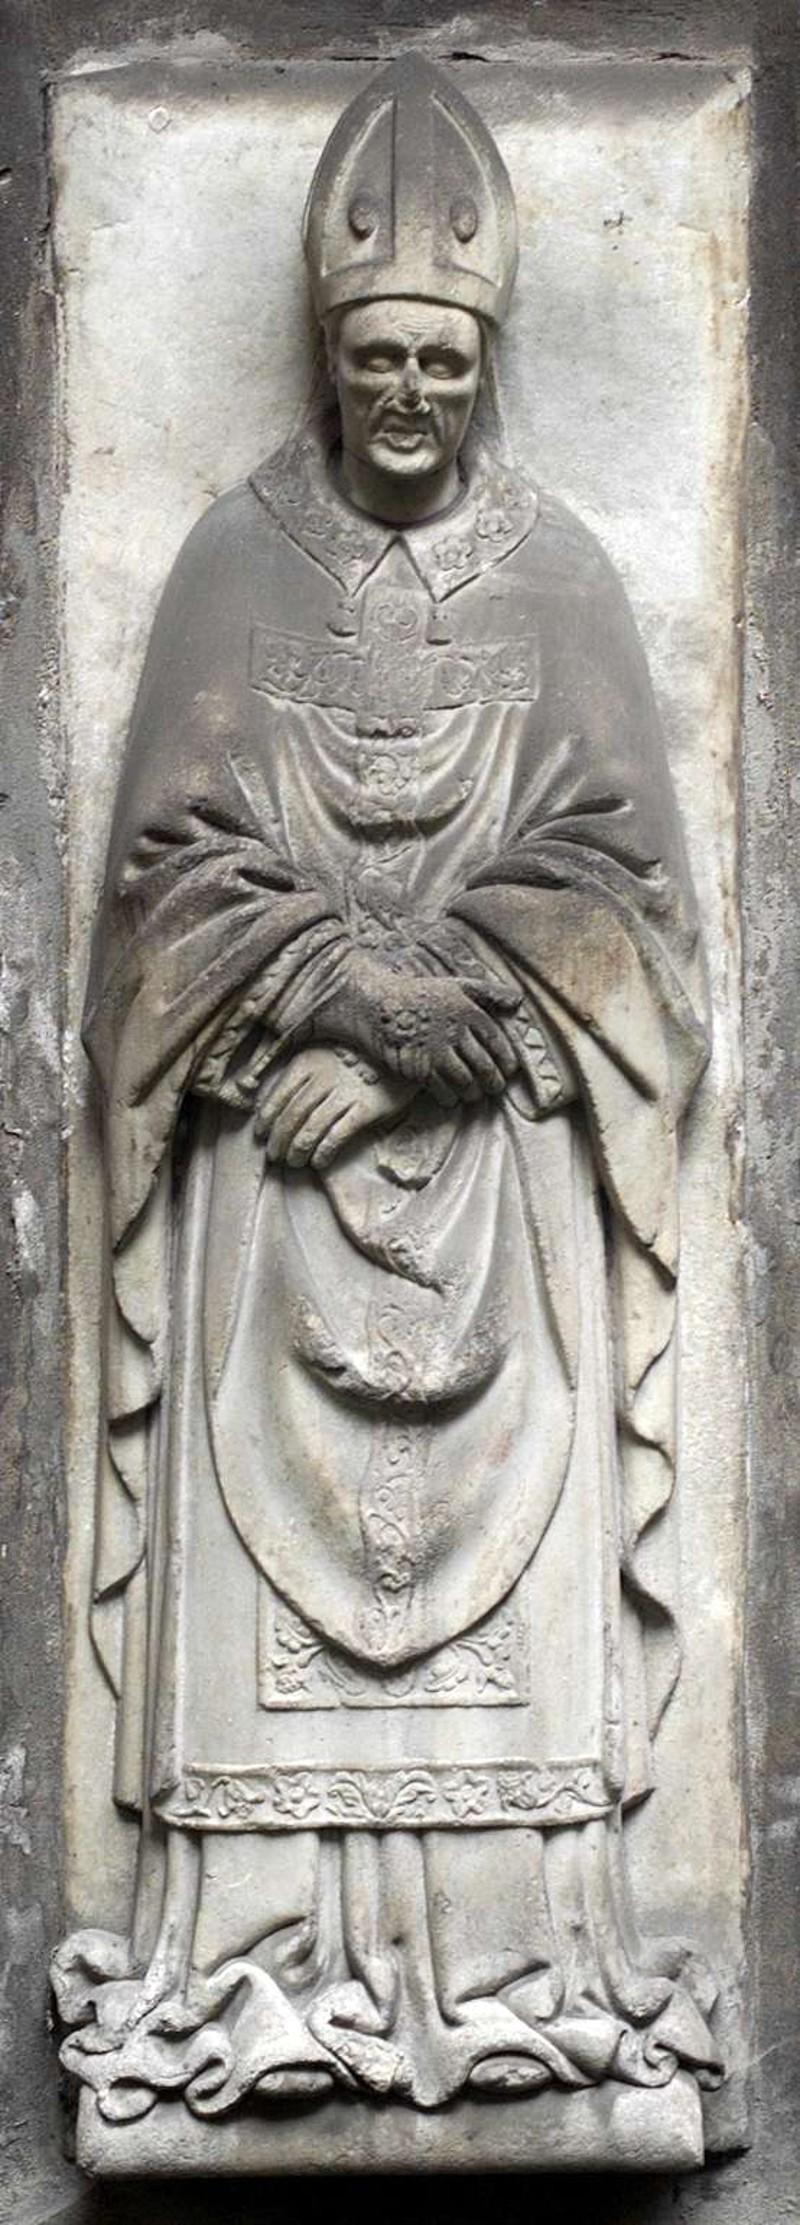 De Confortis J. F. (1472), Vescovo Giovanni Buccelleni